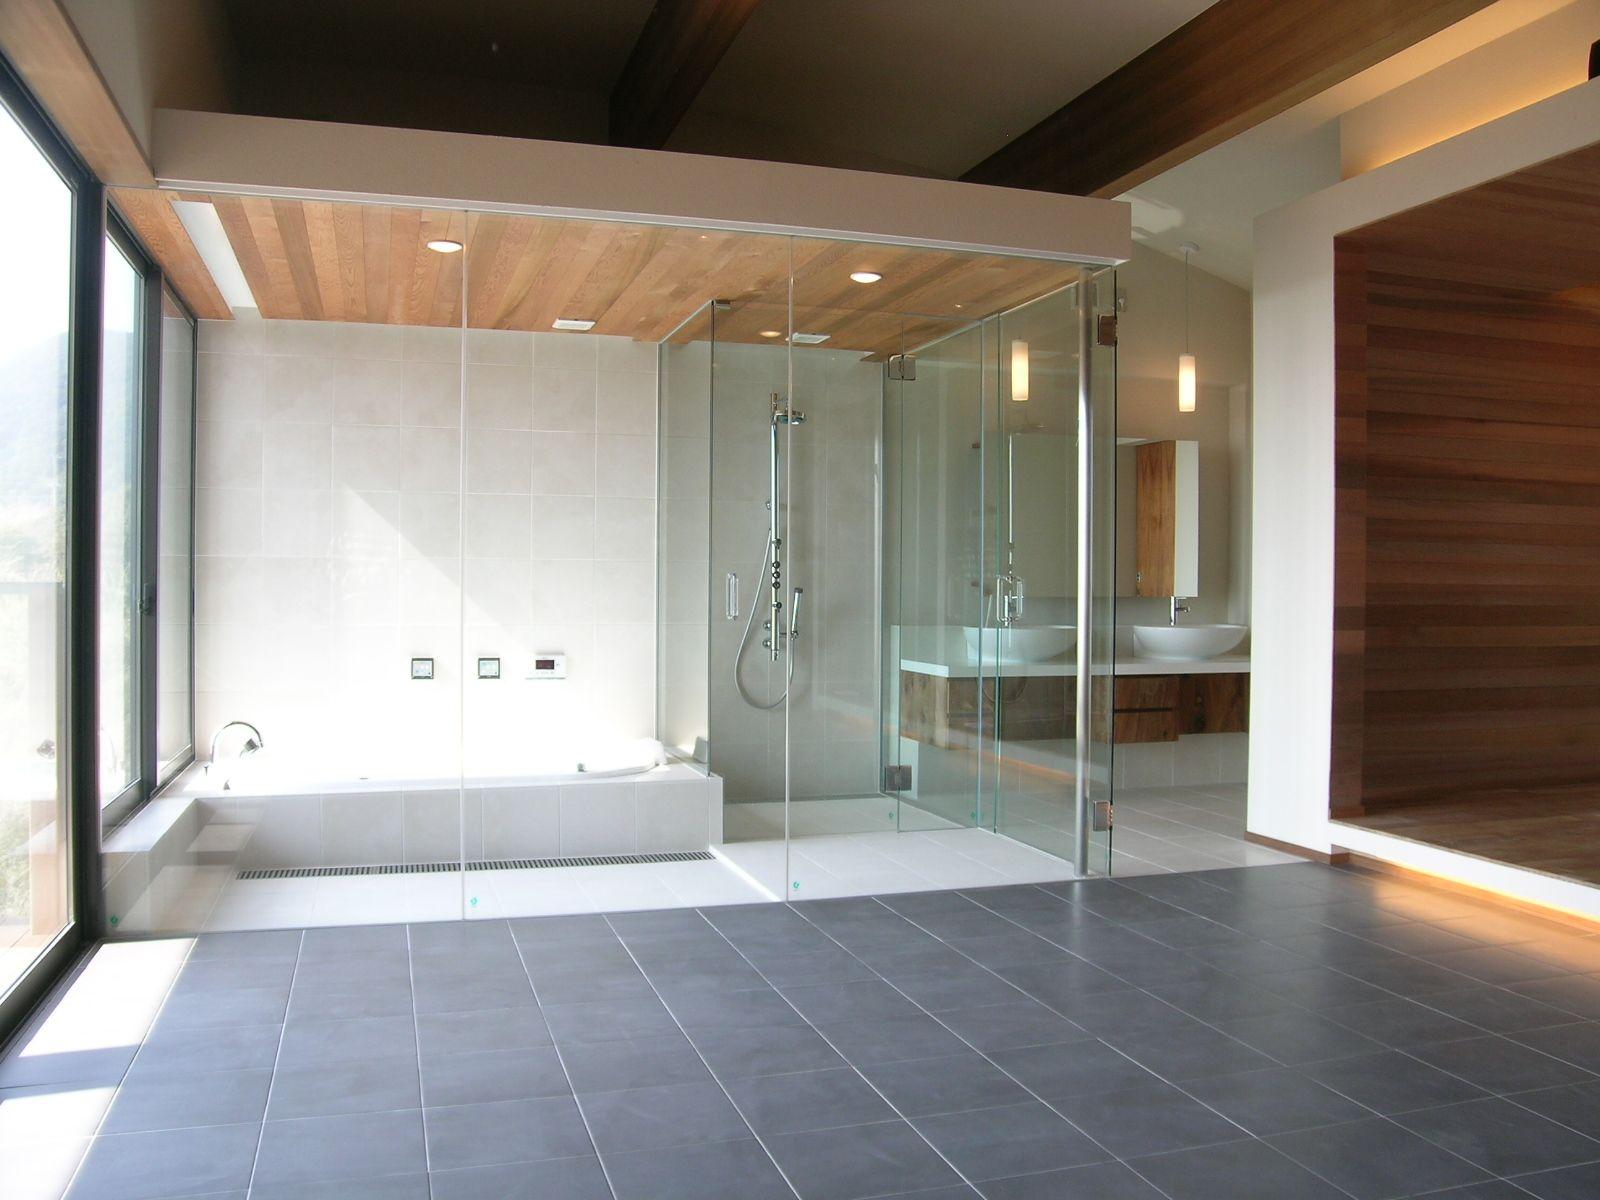 海外のリゾートホテルの様なガラス張りのバスルーム バスルーム